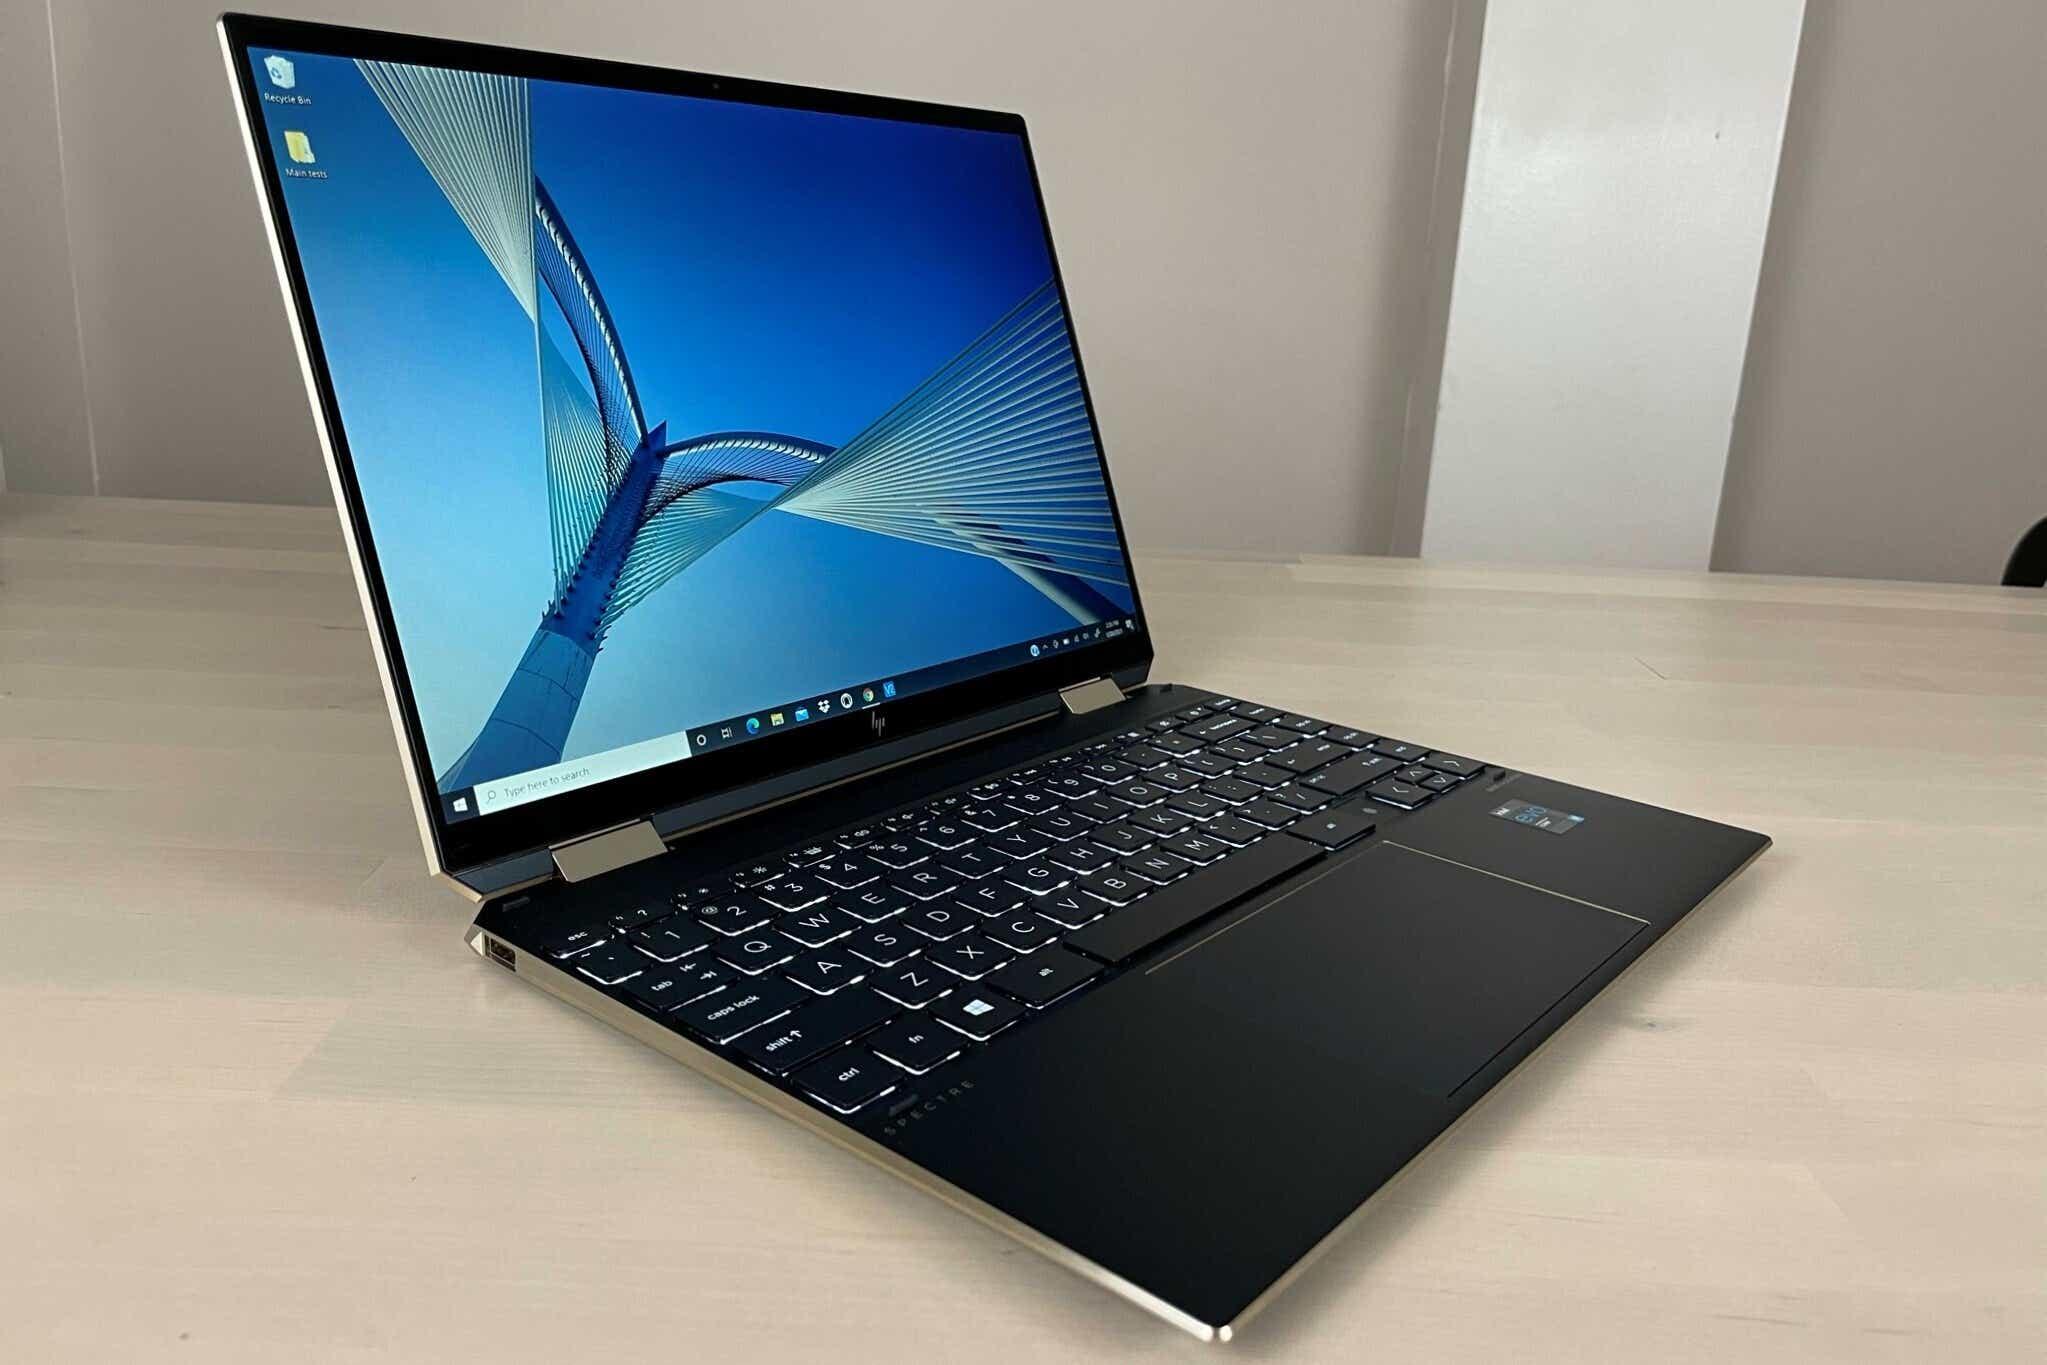 HP Spectre x360 14 1Q881AV